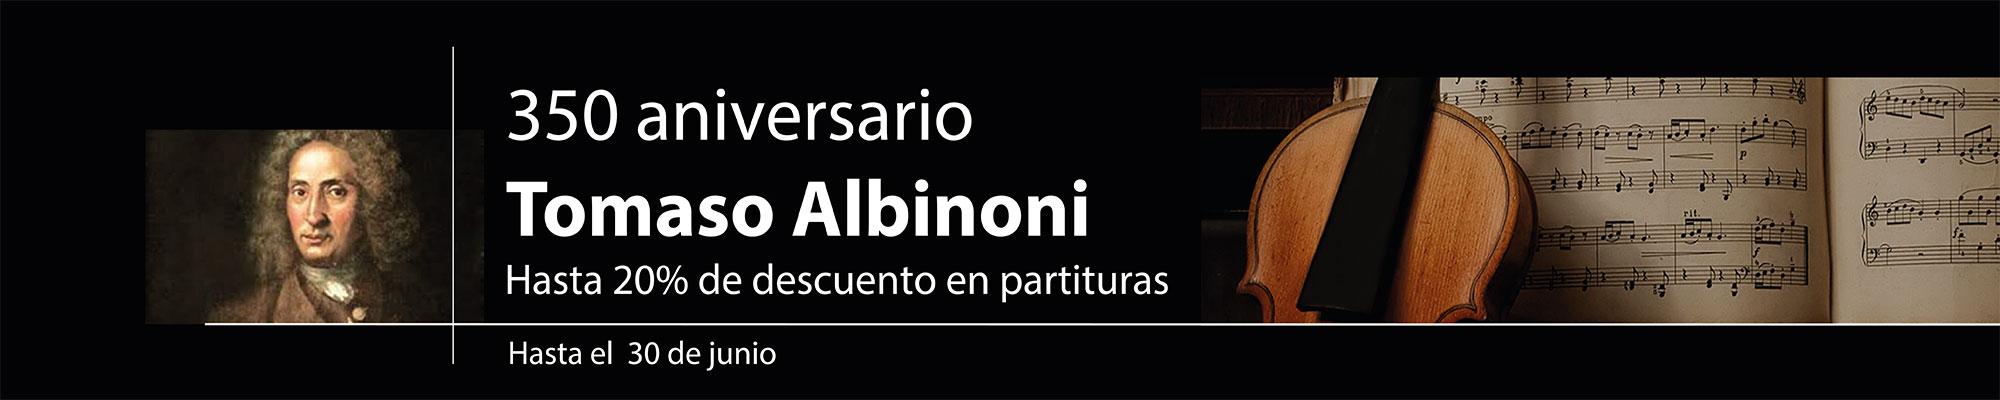 Aniversario Albinoni